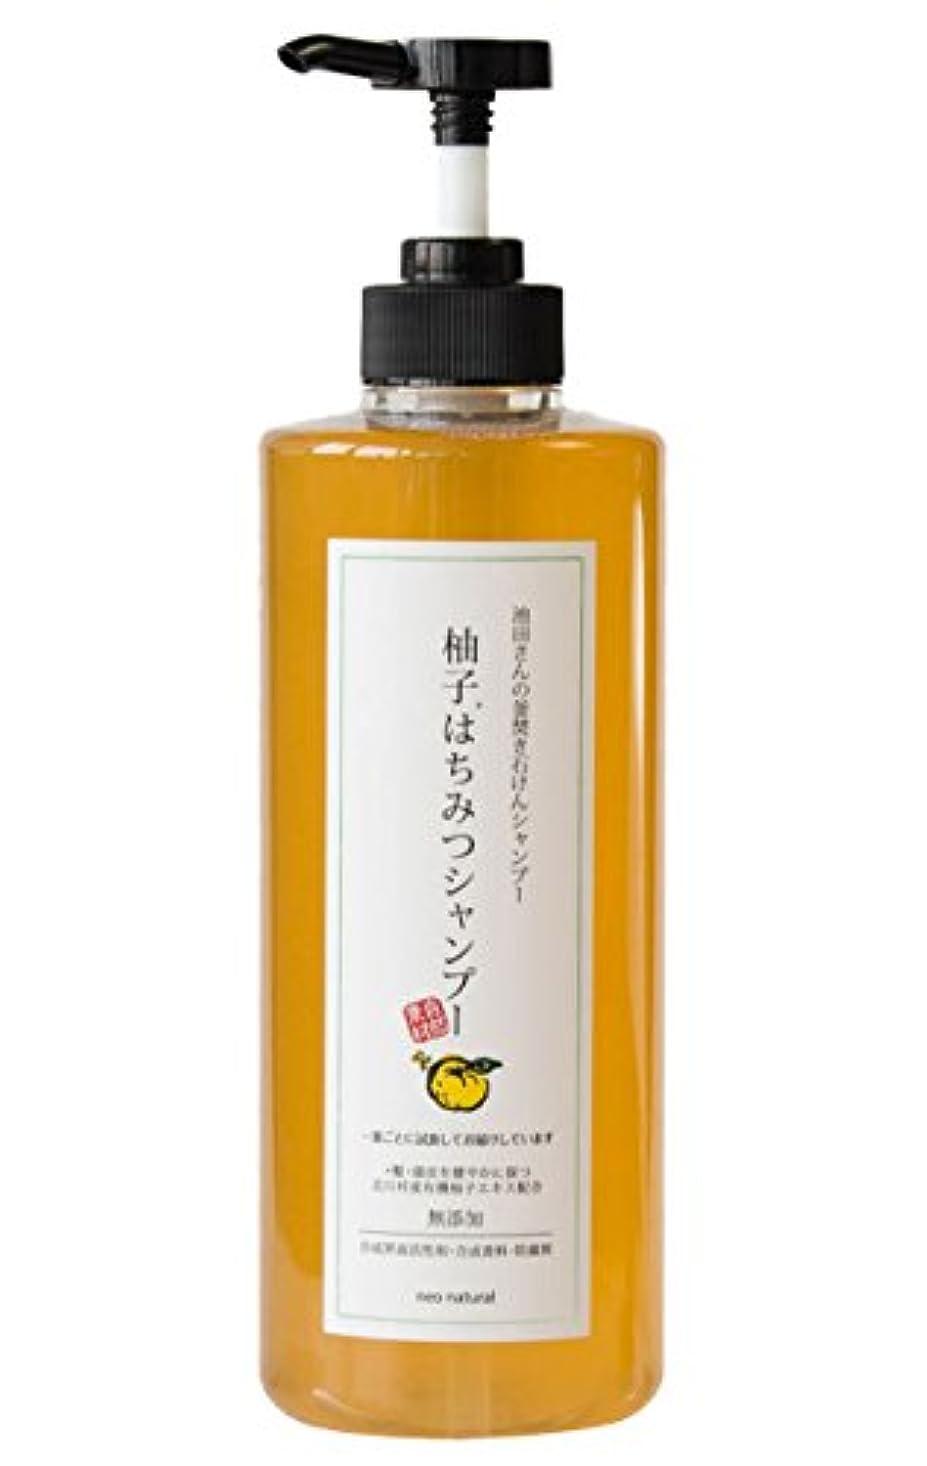 ラフ橋愛ネオナチュラル 柚子はちみつシャンプー(ポンプ式)610ml